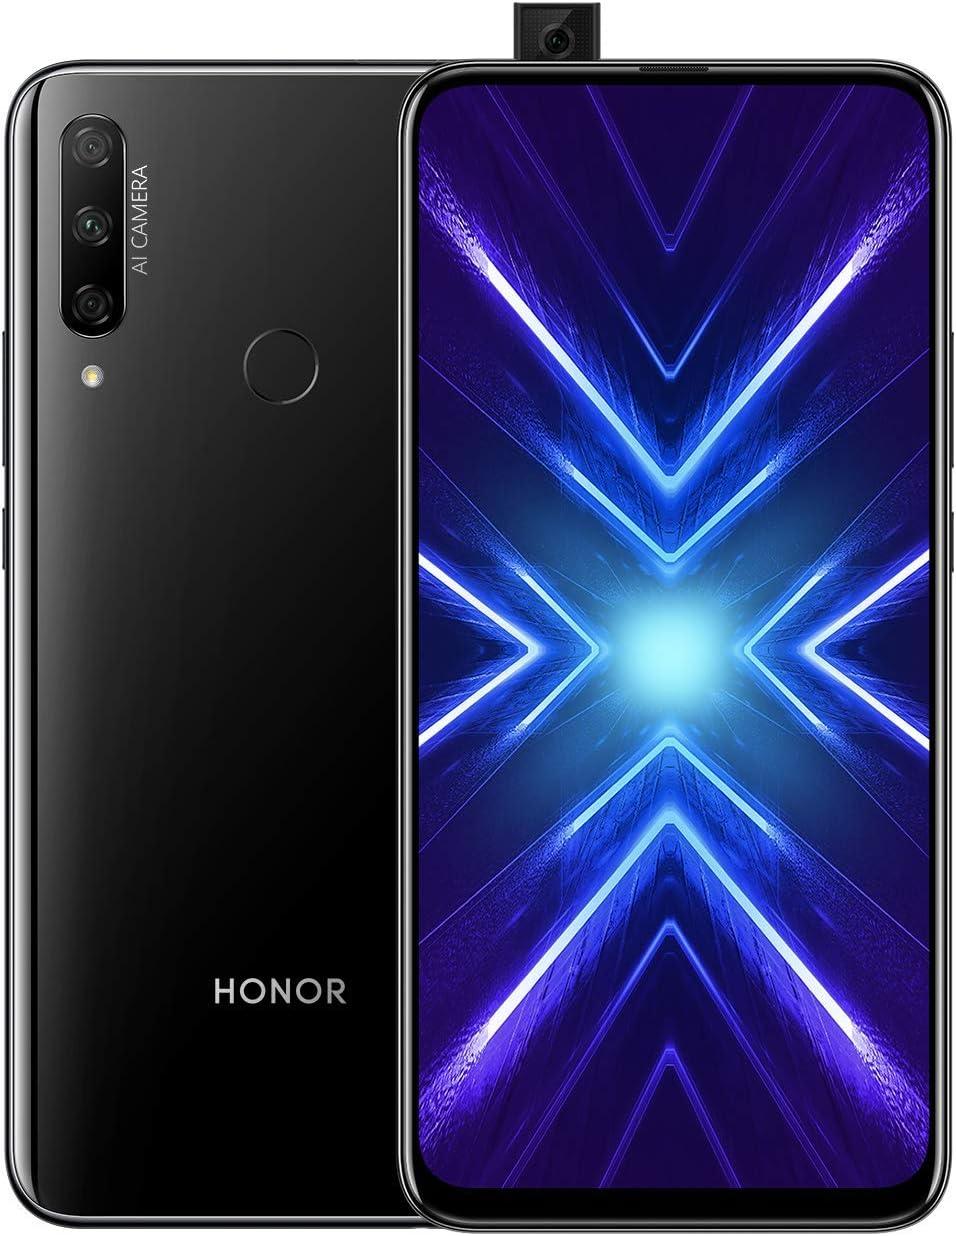 Sorprendente! 4 smartphone flagship...